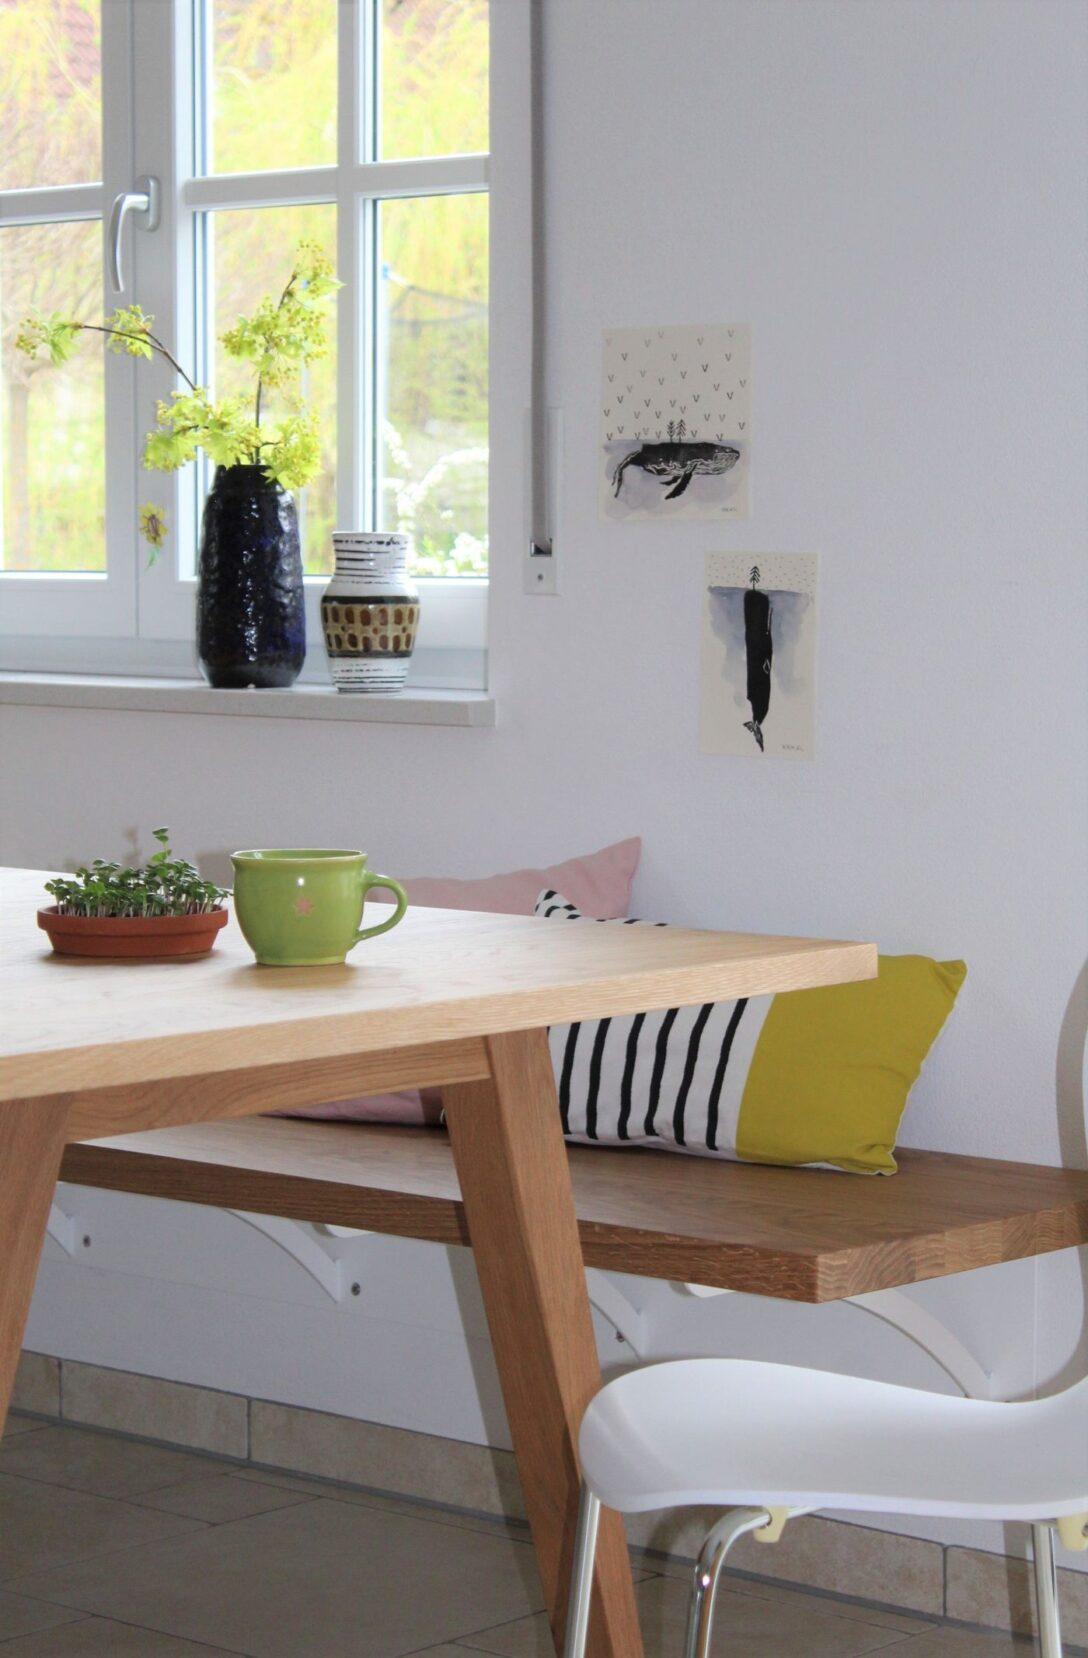 Large Size of Ikea Küchenbank Kchenbank Ideen Bilder Betten 160x200 Sofa Mit Schlaffunktion Küche Kosten Kaufen Miniküche Modulküche Bei Wohnzimmer Ikea Küchenbank